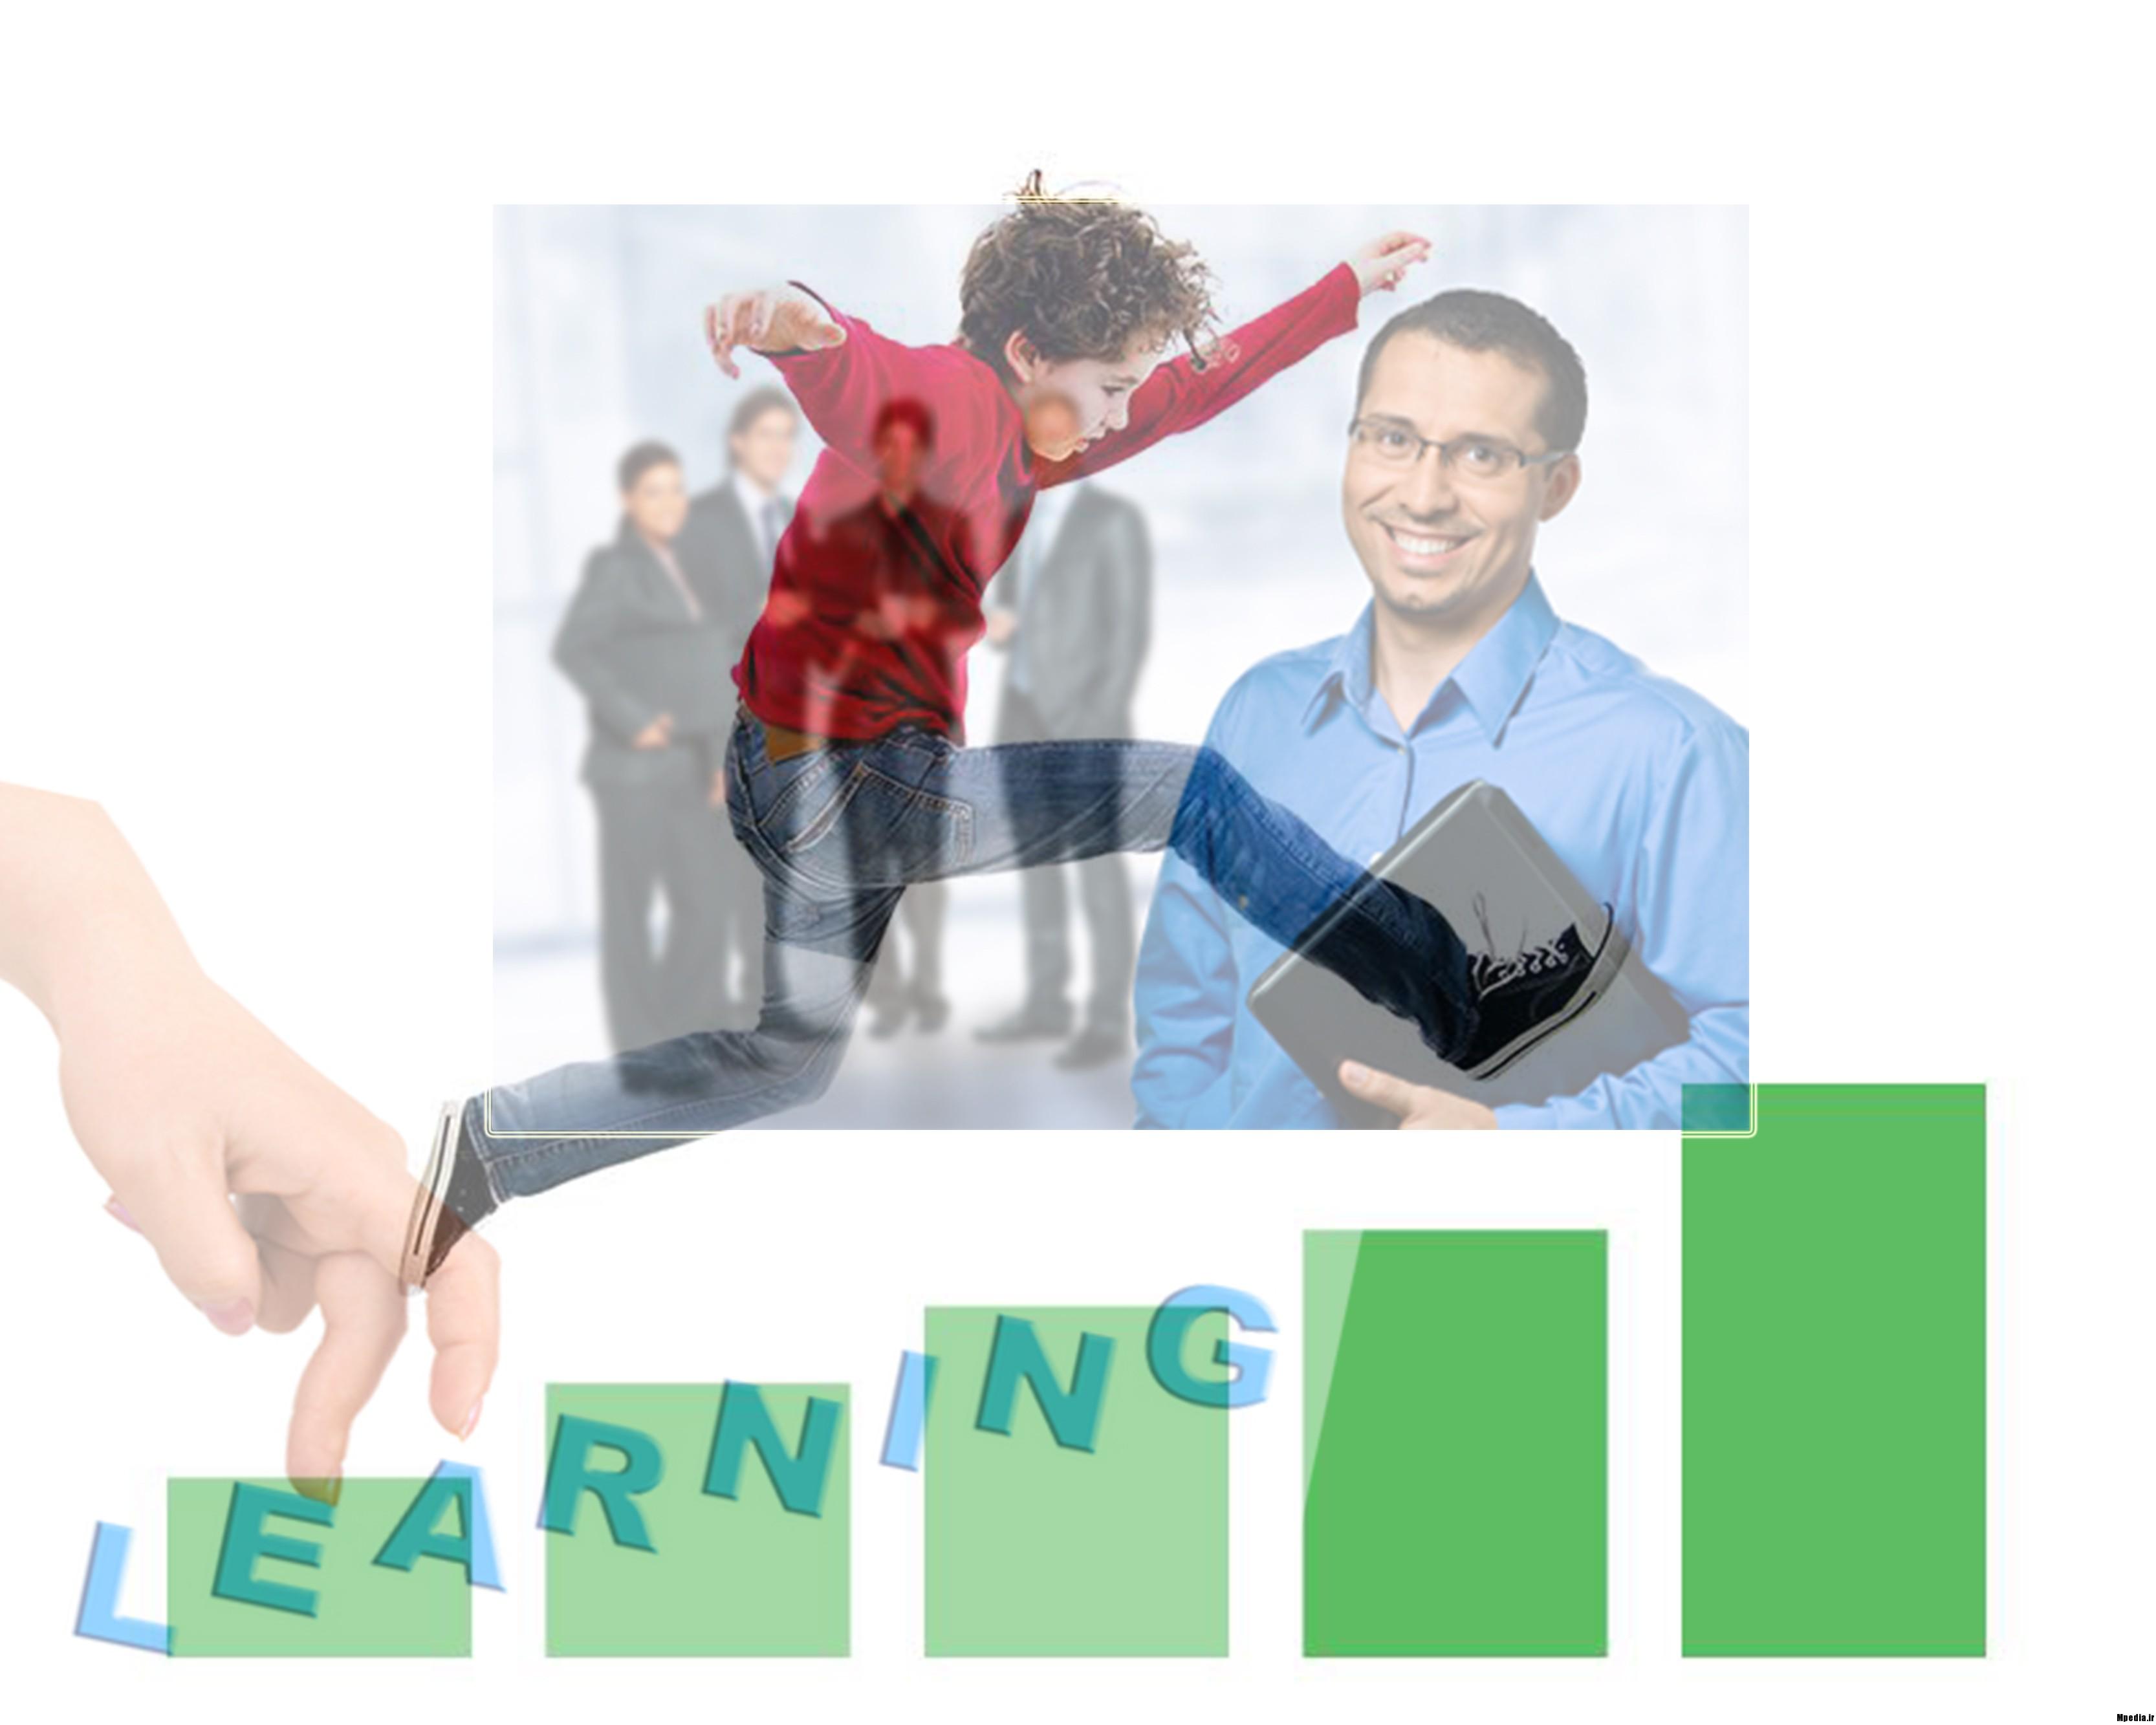 آموزش مبتنی بر صلاحیت در نگهداری و تعمیرات چیست؟